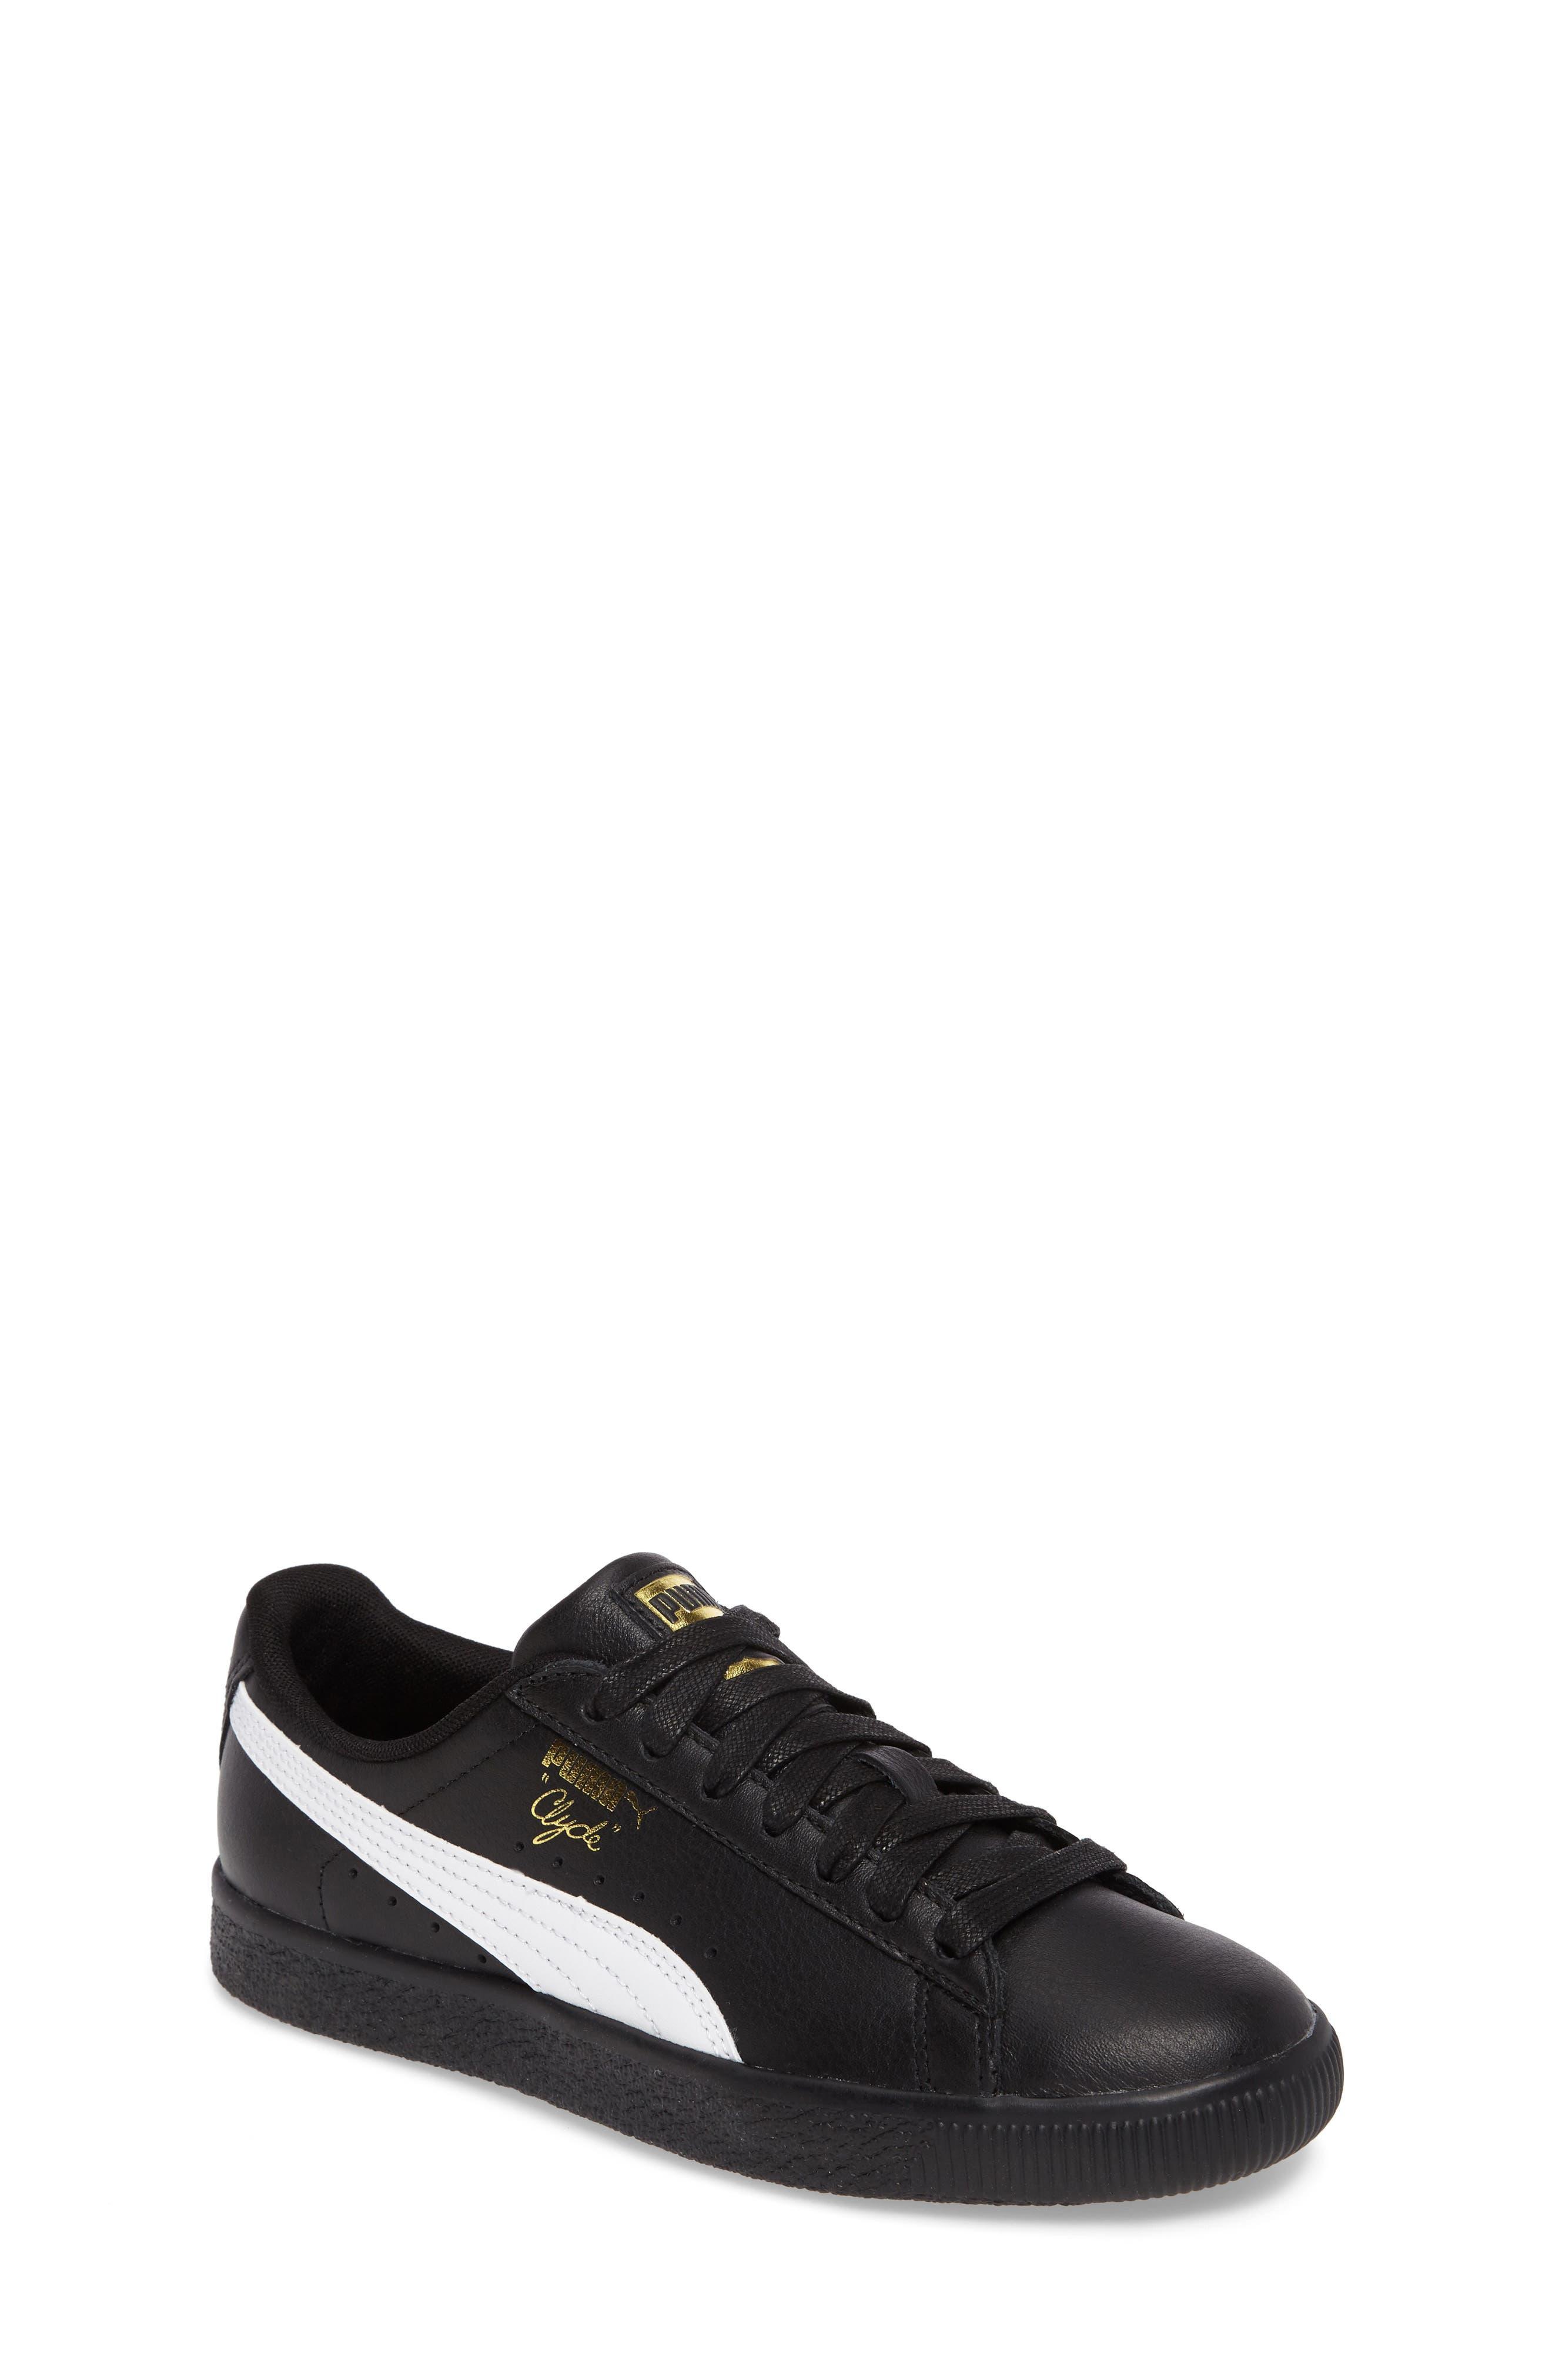 Clyde Core Foil Sneaker,                         Main,                         color, 001